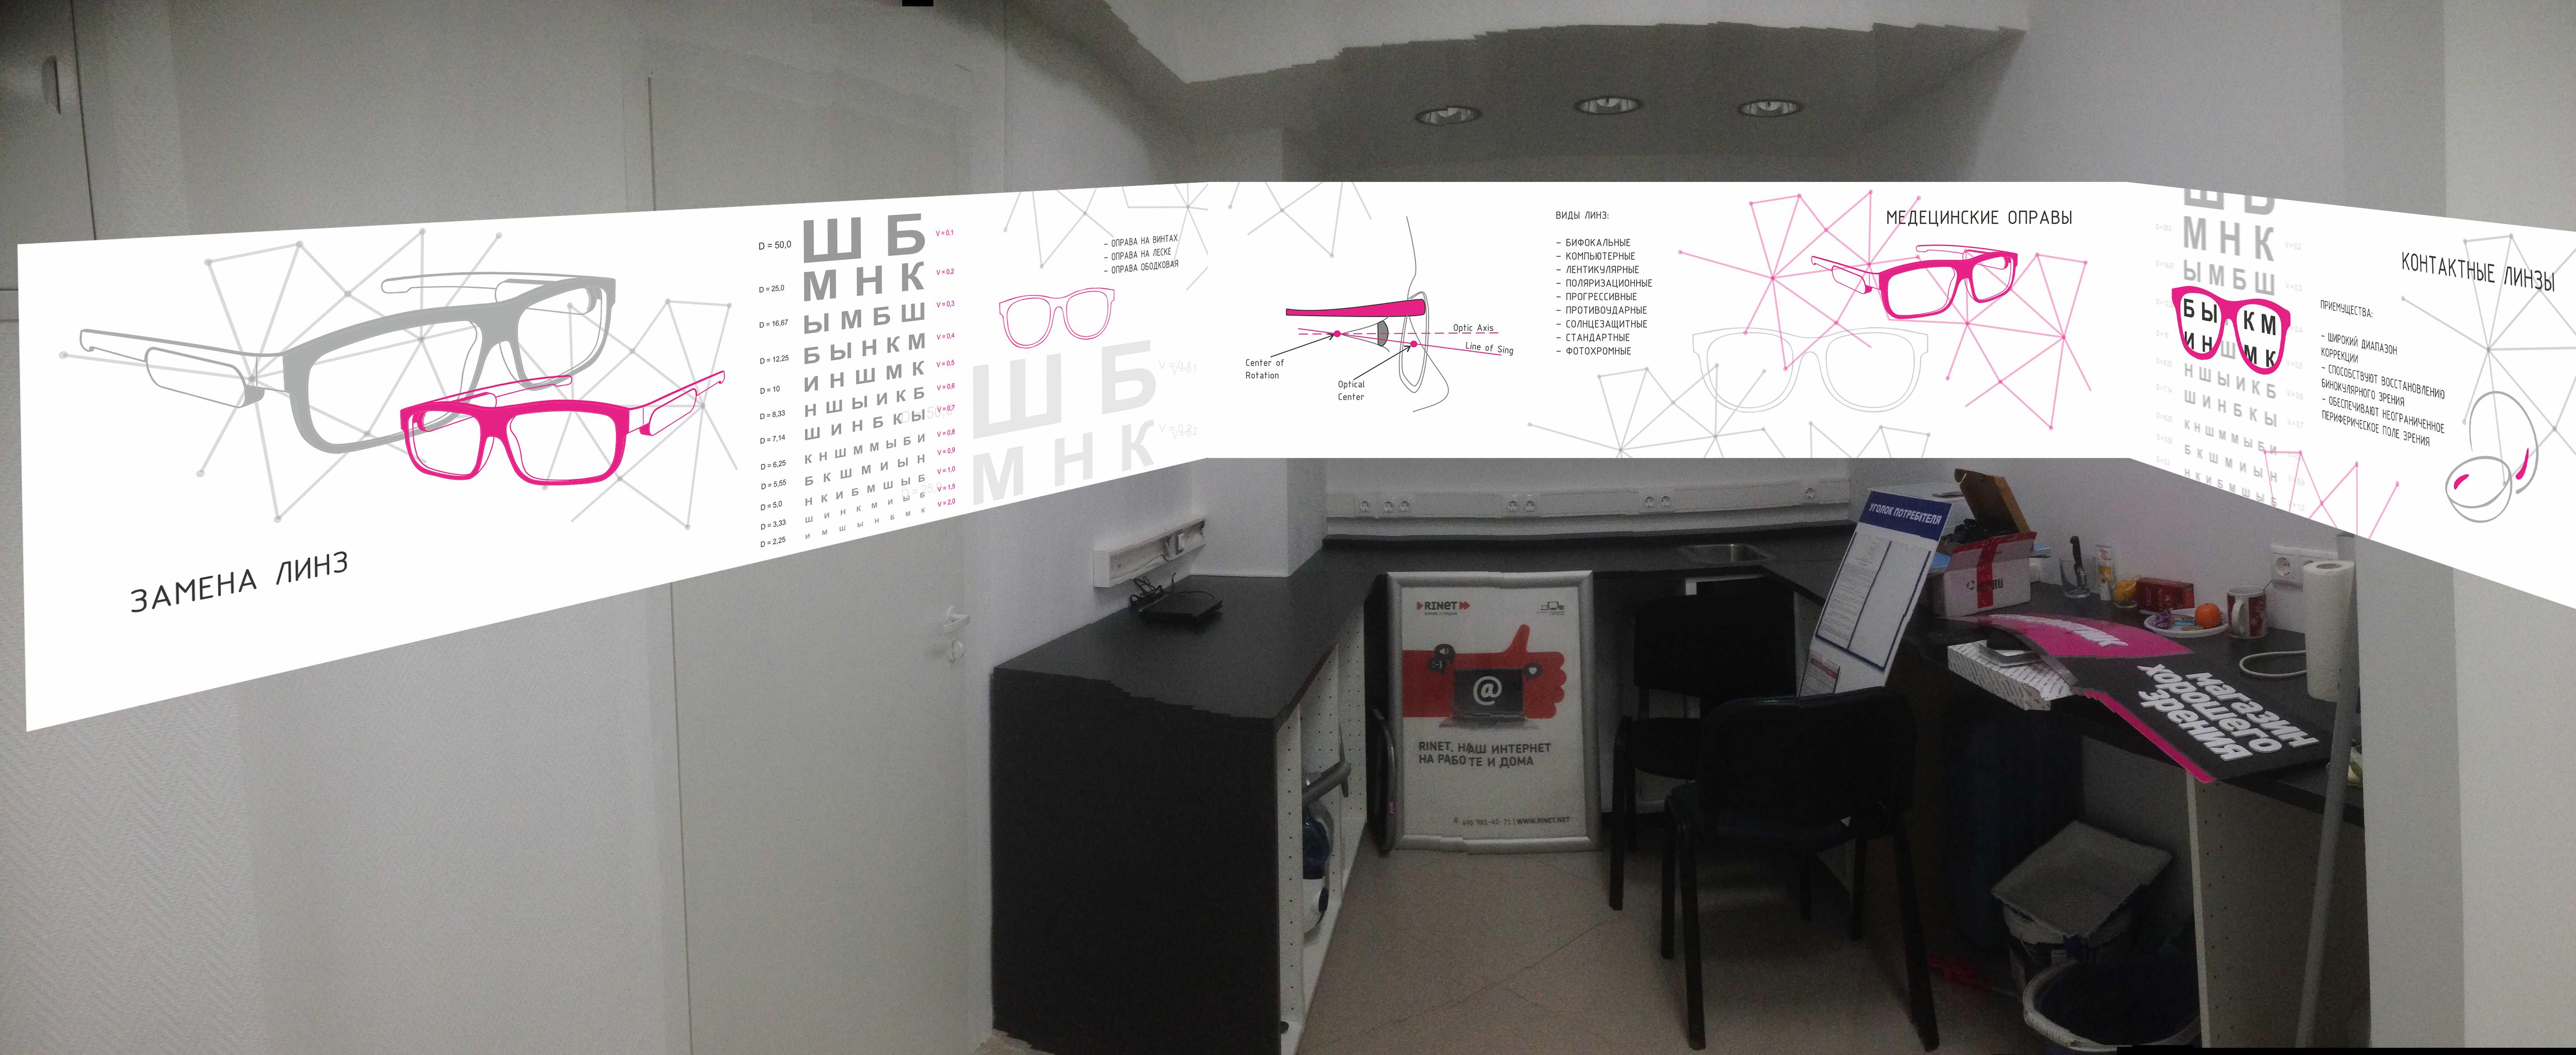 Создание нескольких графических панно для оптической компани фото f_8875900661829745.jpg